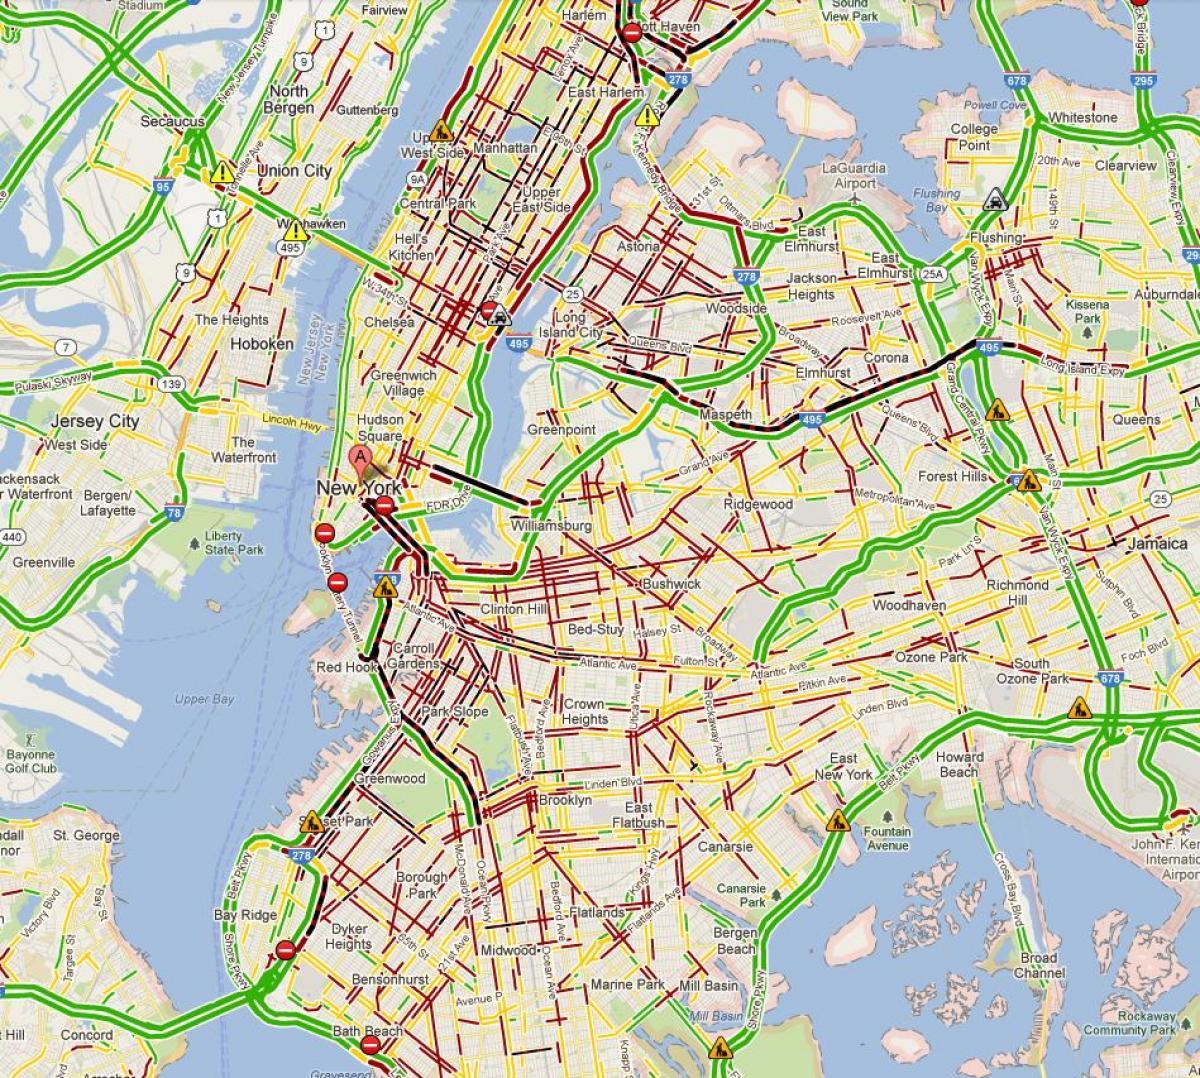 trafikk kart NYC trafikk kart   New York trafikk kart (New York   USA) trafikk kart